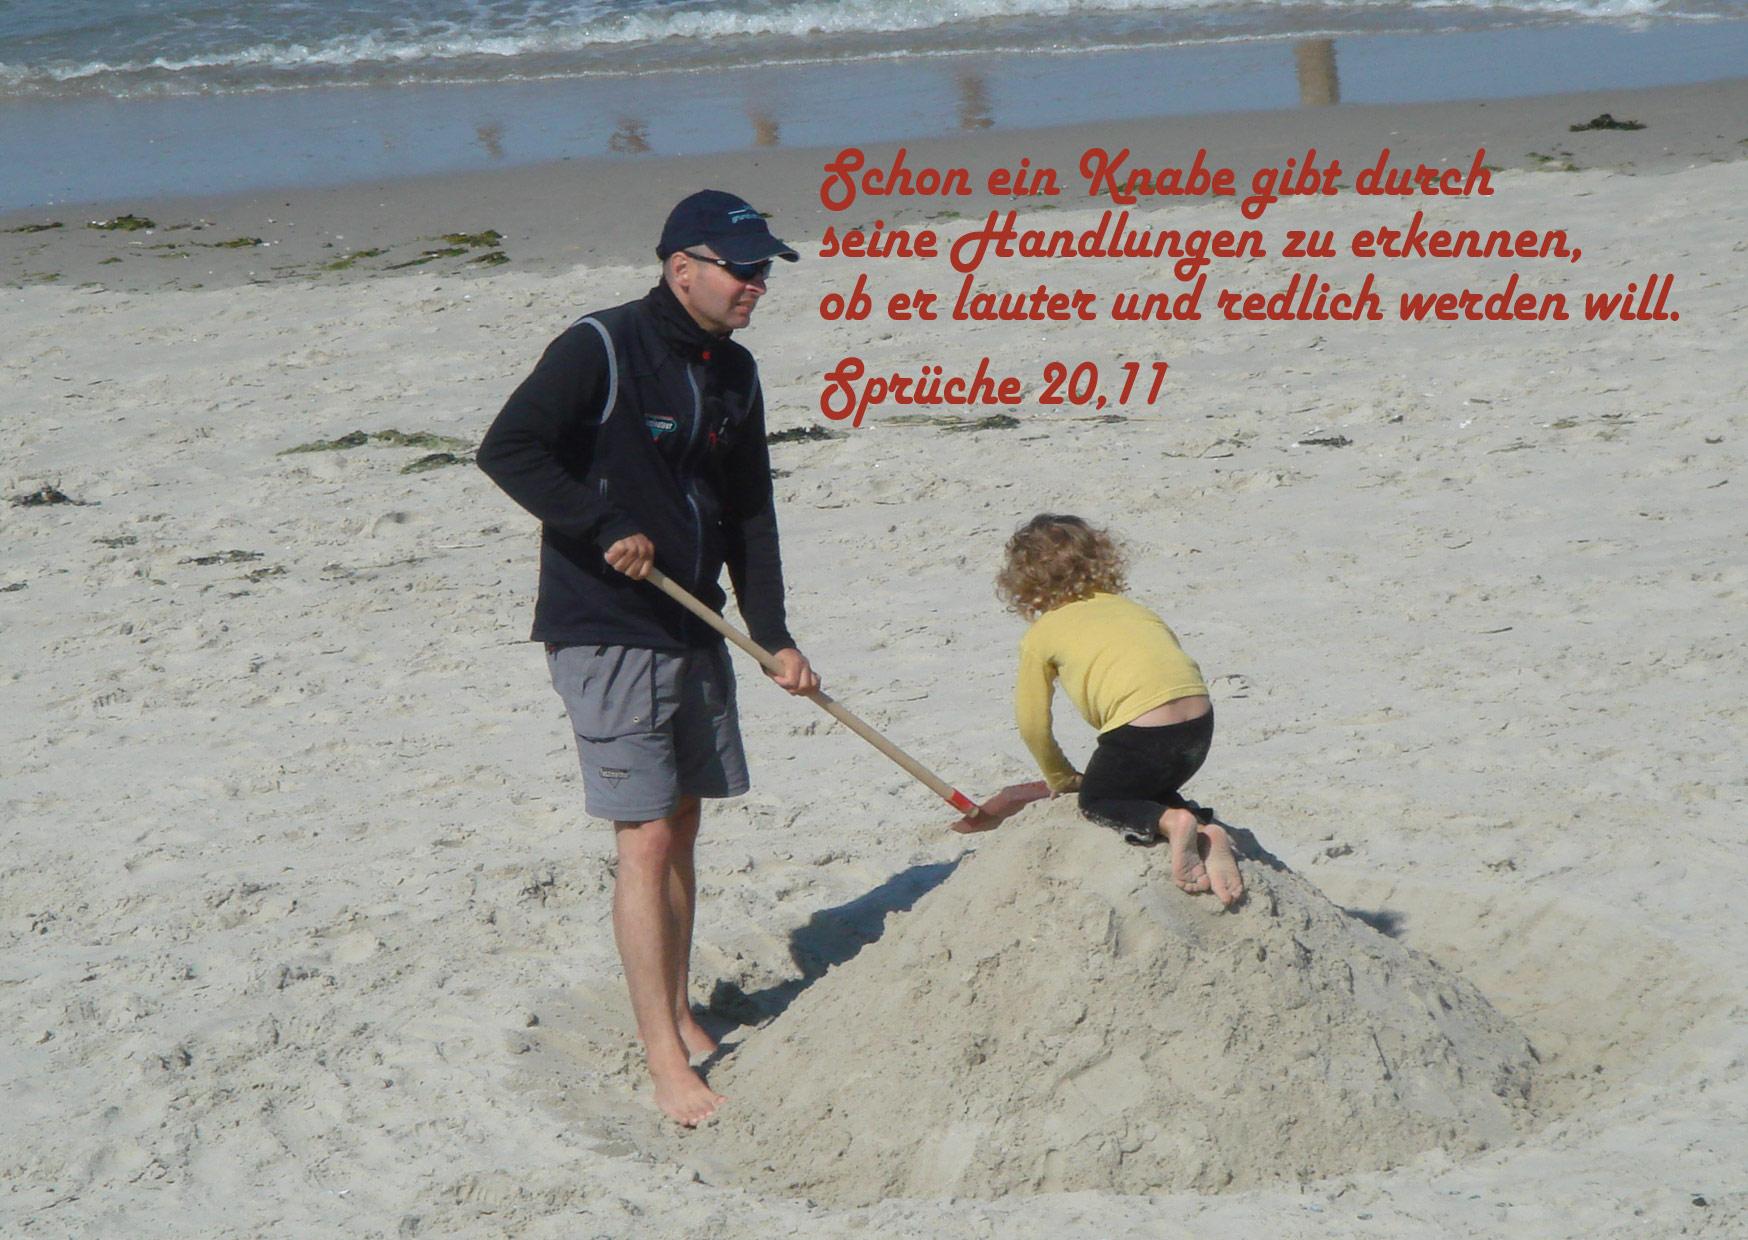 Bibelzitat, Sprüche 20,11, Foto: Danzer, Walter, go 4 Jesus